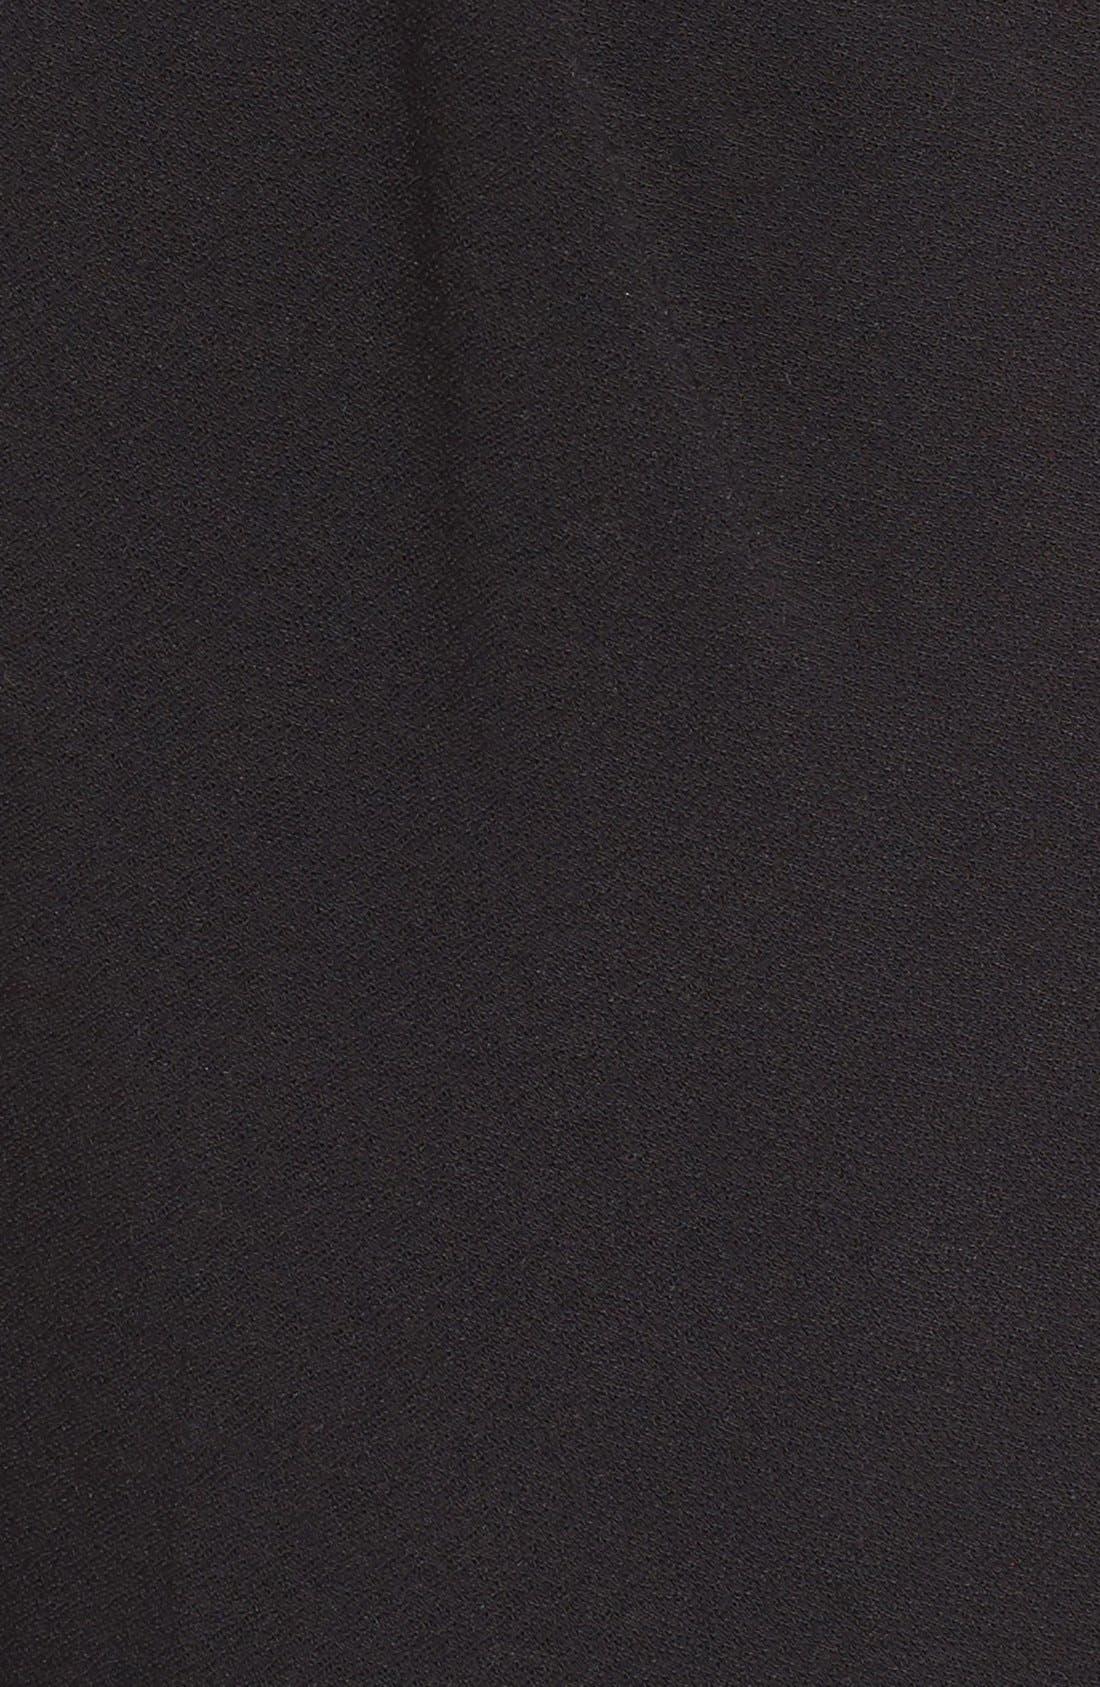 Pleat Front Trousers,                             Alternate thumbnail 11, color,                             BLACK